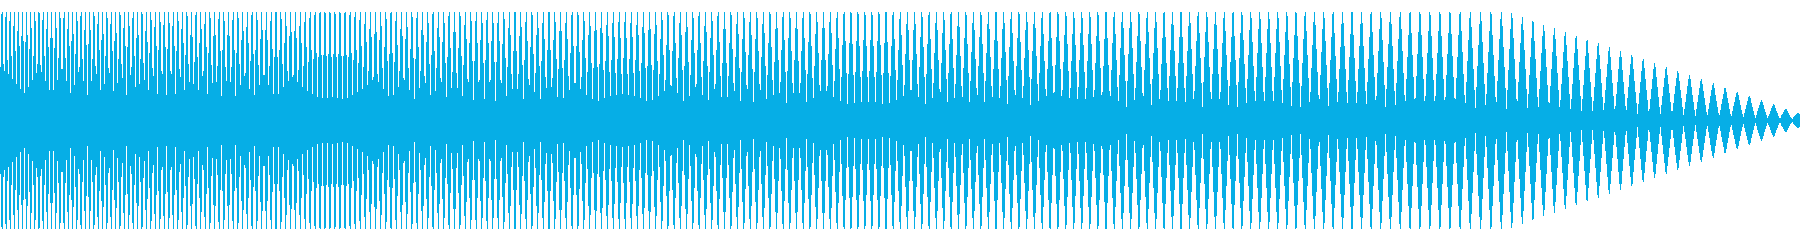 ハリウッド映画でよく聞く低音の効果音2の再生済みの波形